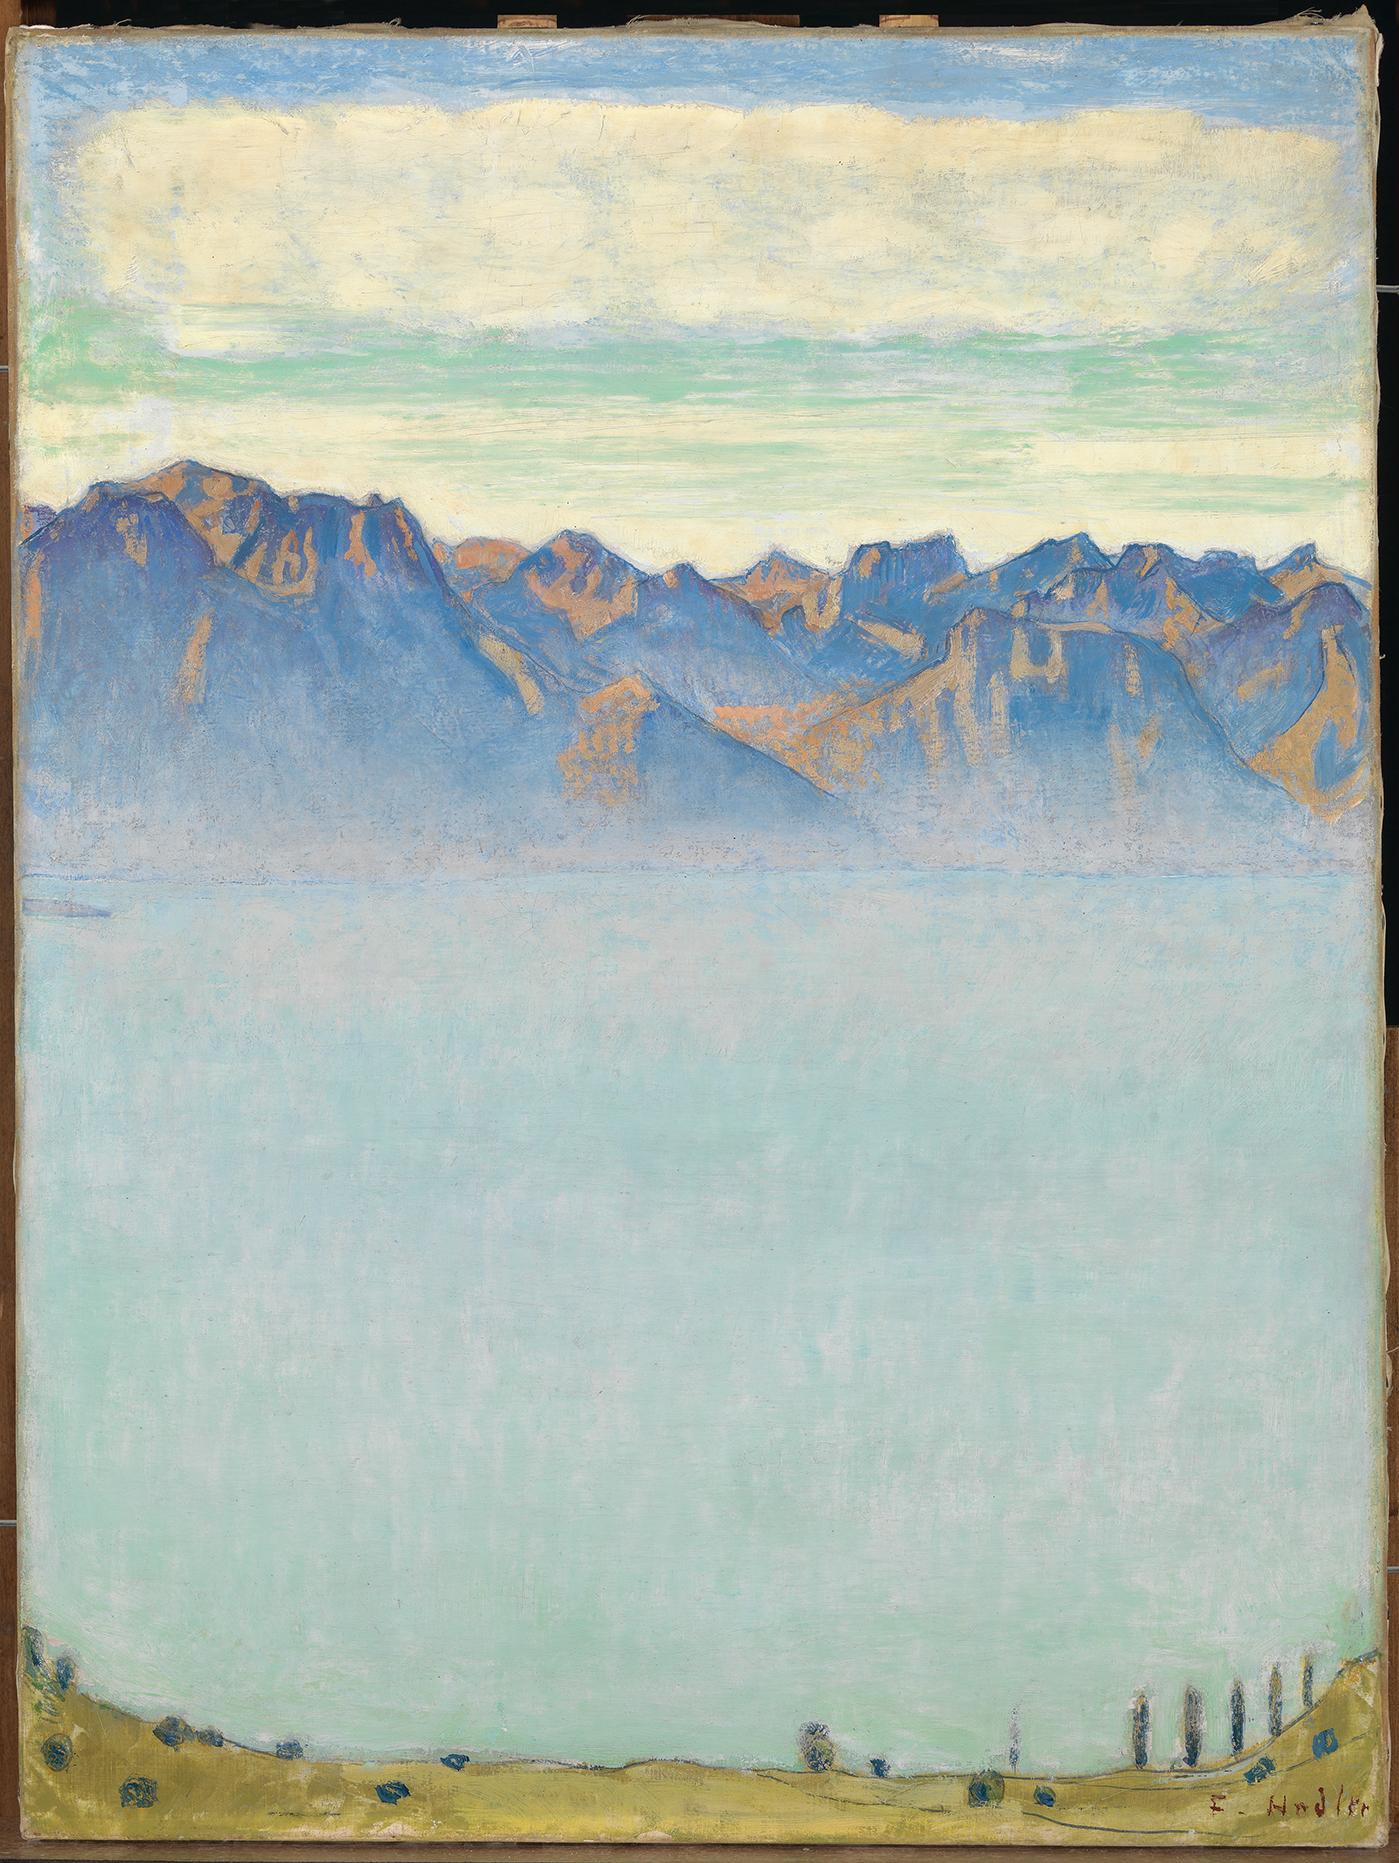 Ferdinand Hodler, Le Léman et les Alpes savoyardes, vers 1906, huile sur toile, 64 x 48,5 cm, collection Christoph Blocher © SIK-ISEA, Zurich / Photo : Philipp Hitz